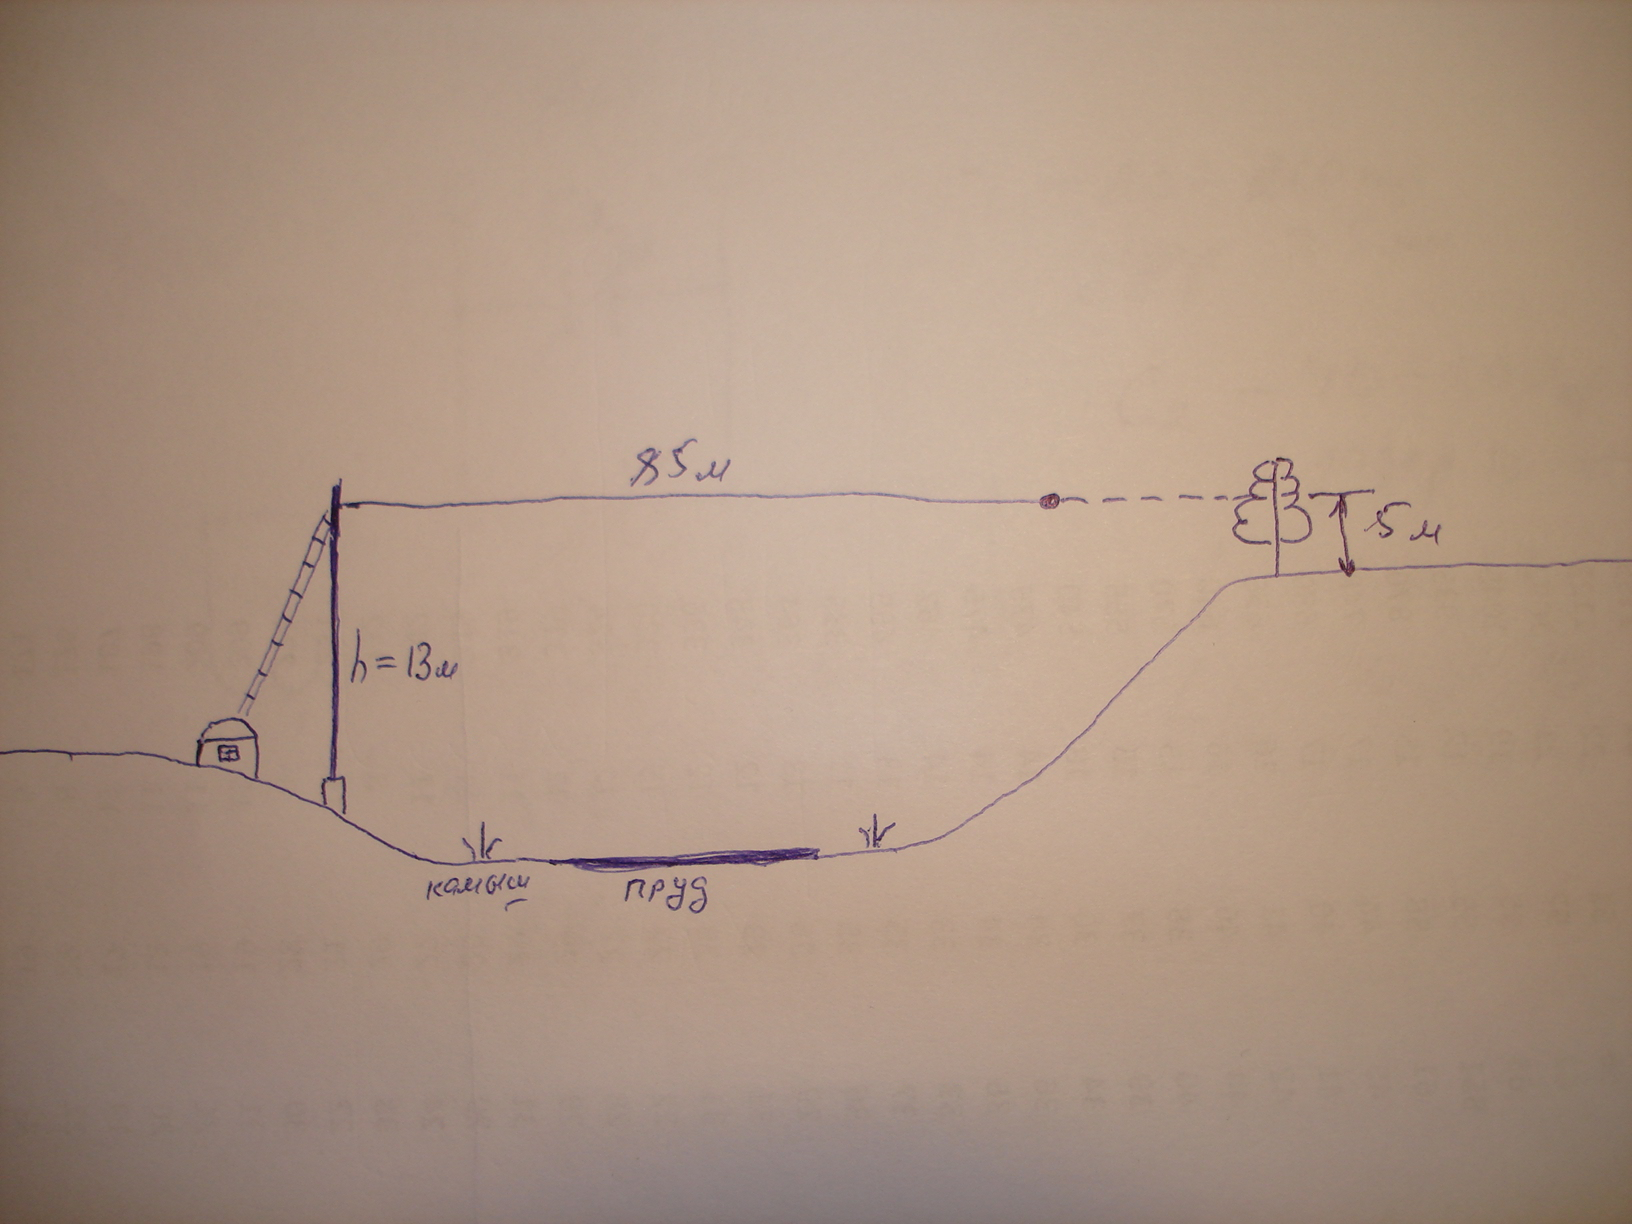 Нажмите на изображение для увеличения.  Название:DSC03952.JPG Просмотров:350 Размер:722.6 Кб ID:83925